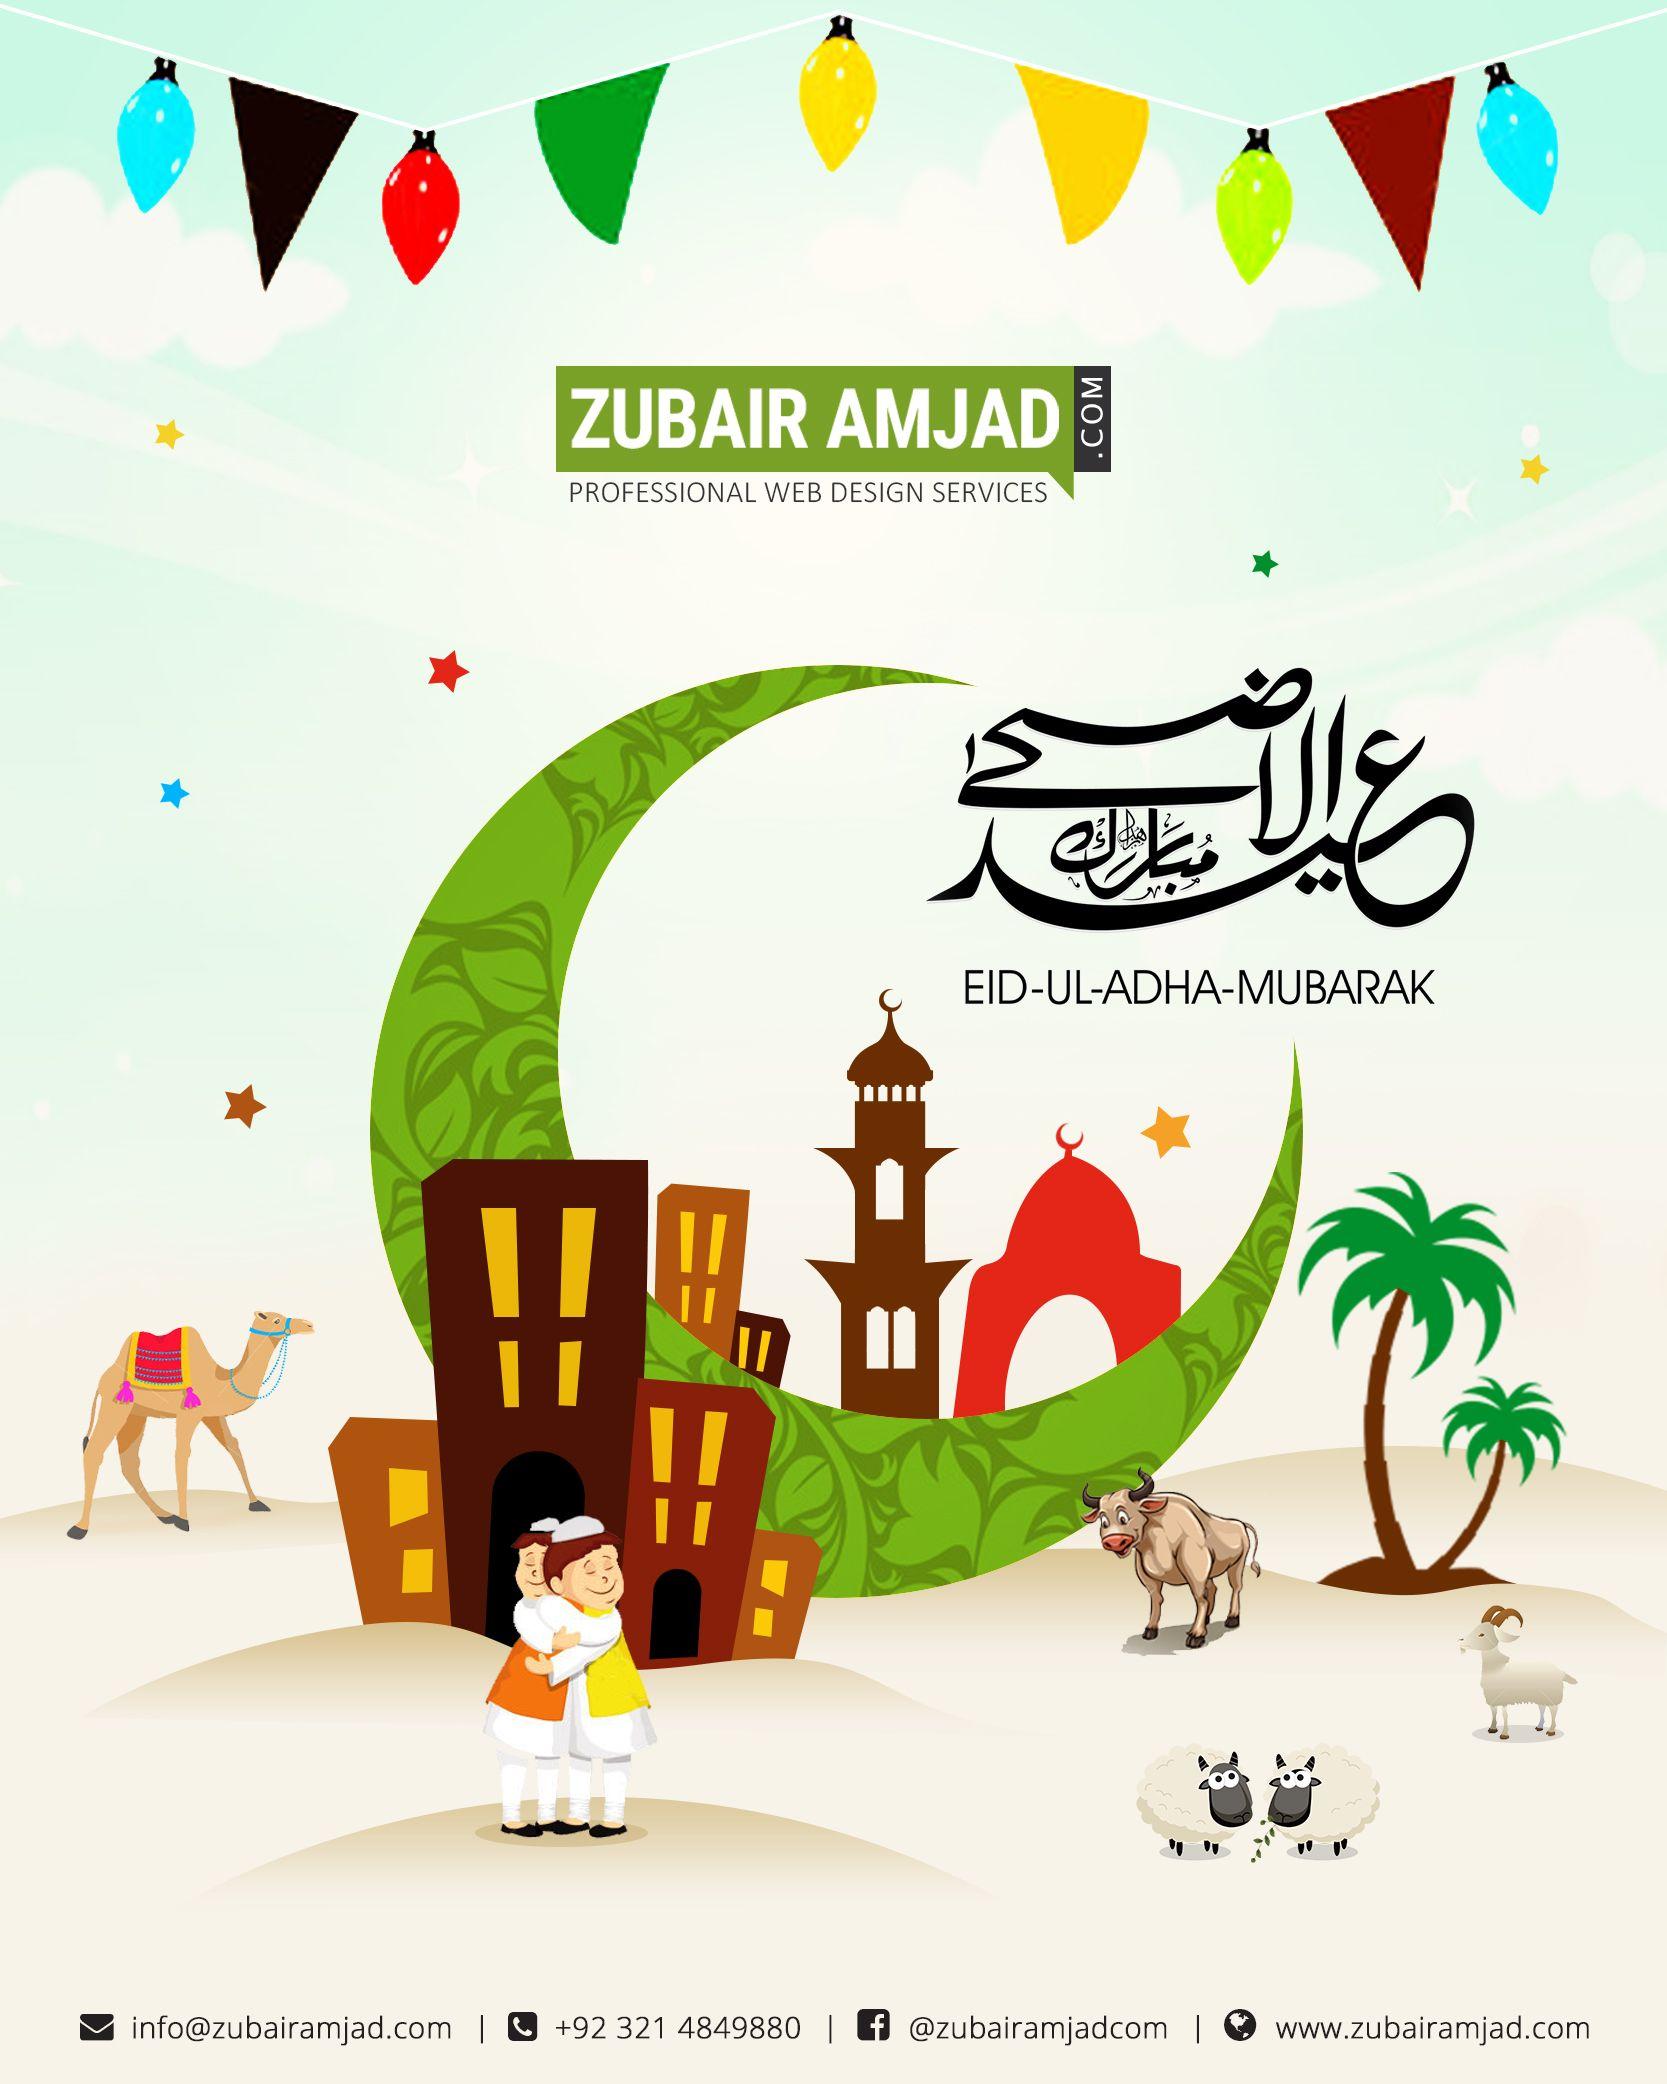 Eid Ul Adha Hajj Mubarak To All Muslim Ummah May Allah Forgive